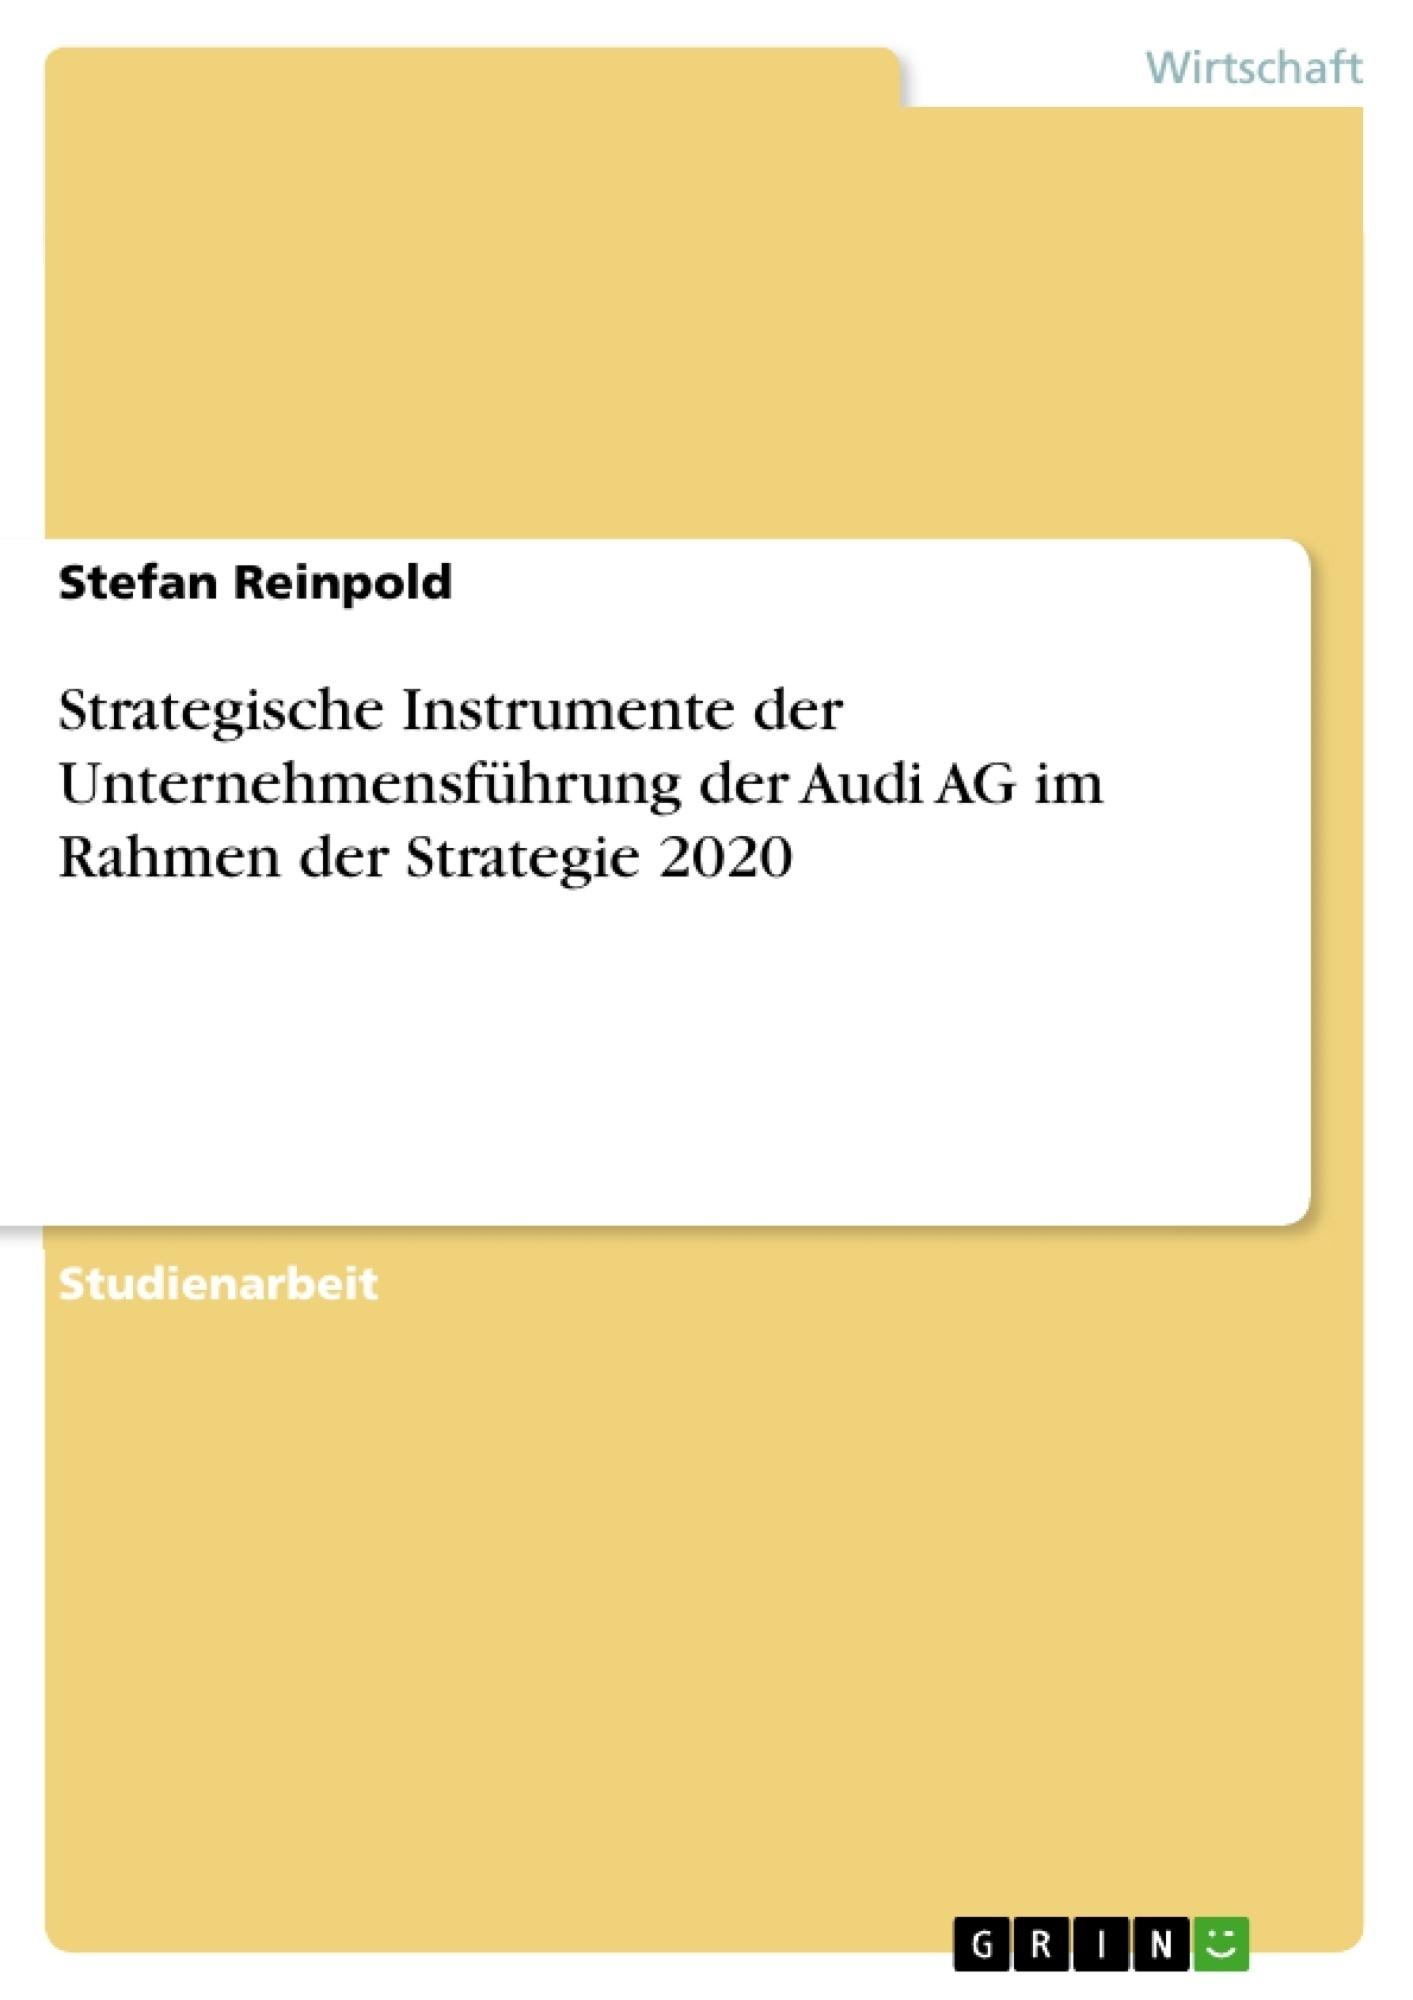 Strategische Instrumente der Unternehmensführung der Audi AG im Rahmen der Strategie 2020